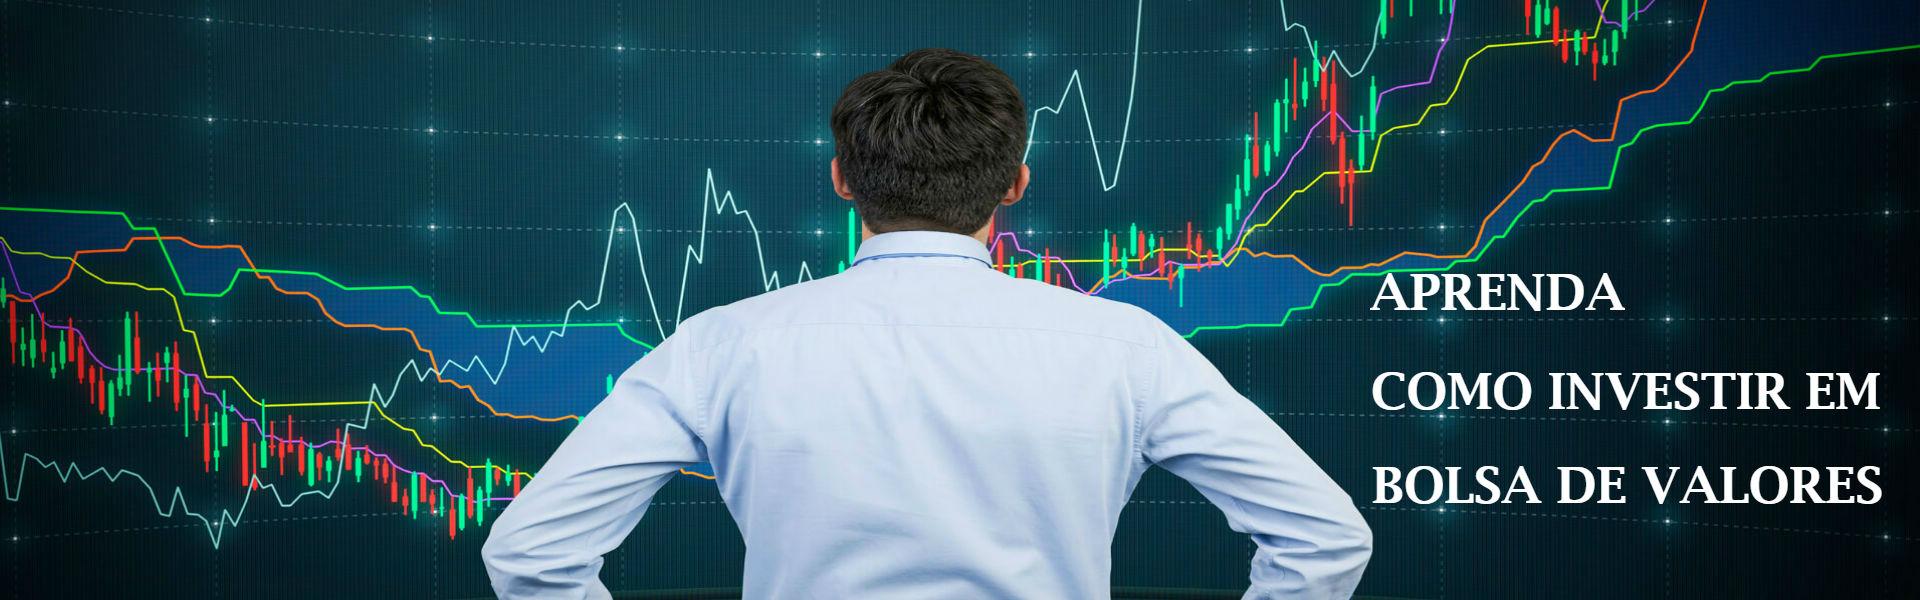 Aprenda a investir em bolsa